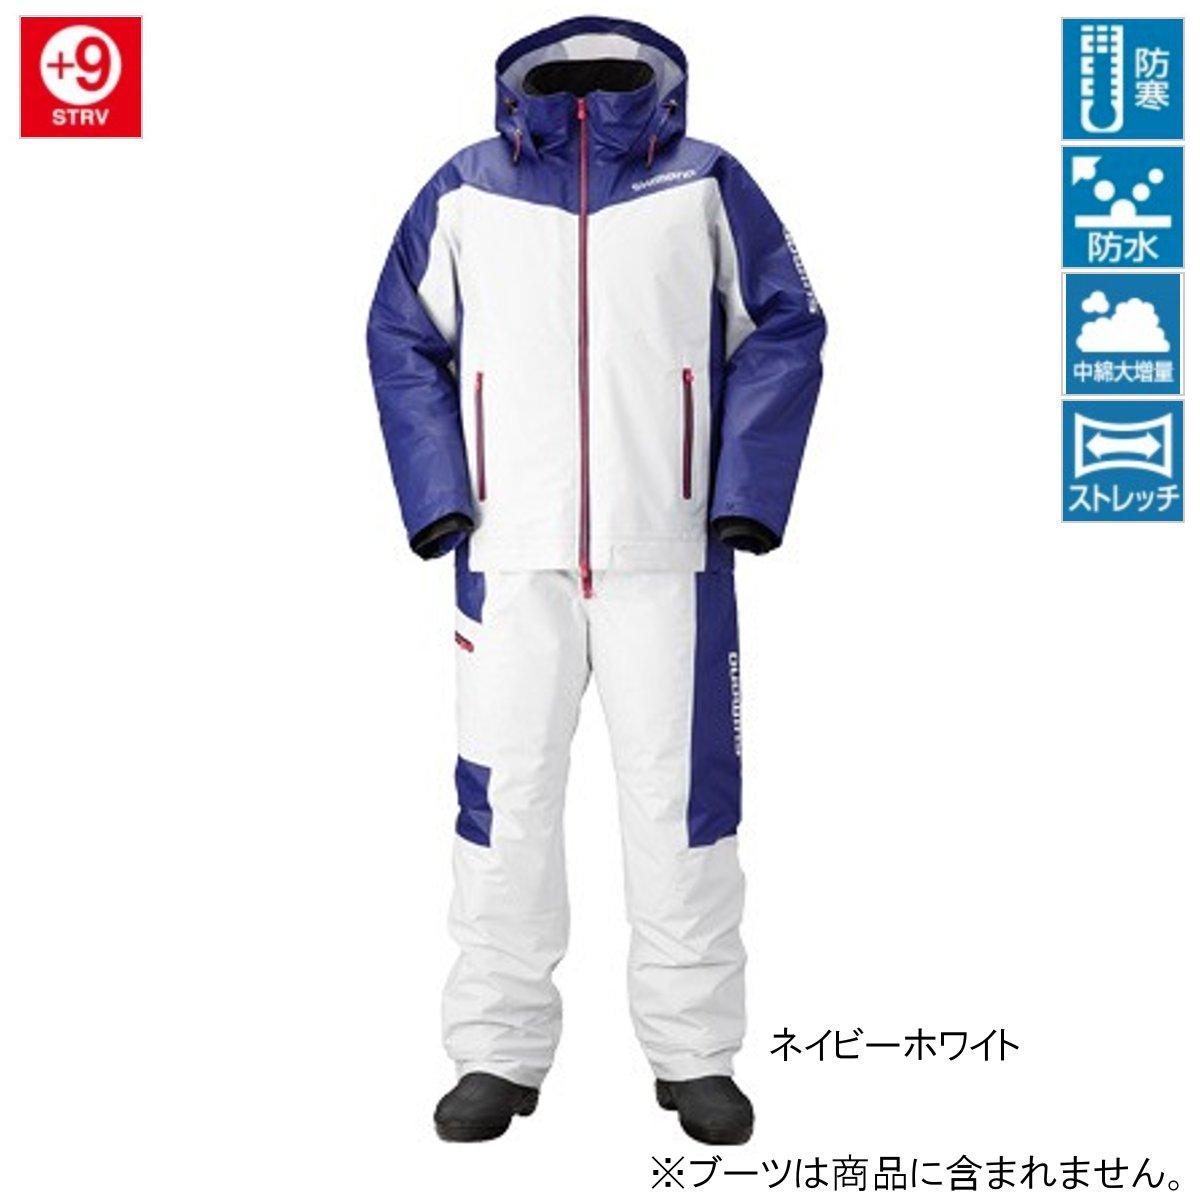 シマノ マリンコールドウェザースーツ EX RB-035N 2XL ネイビーホワイト(東日本店)